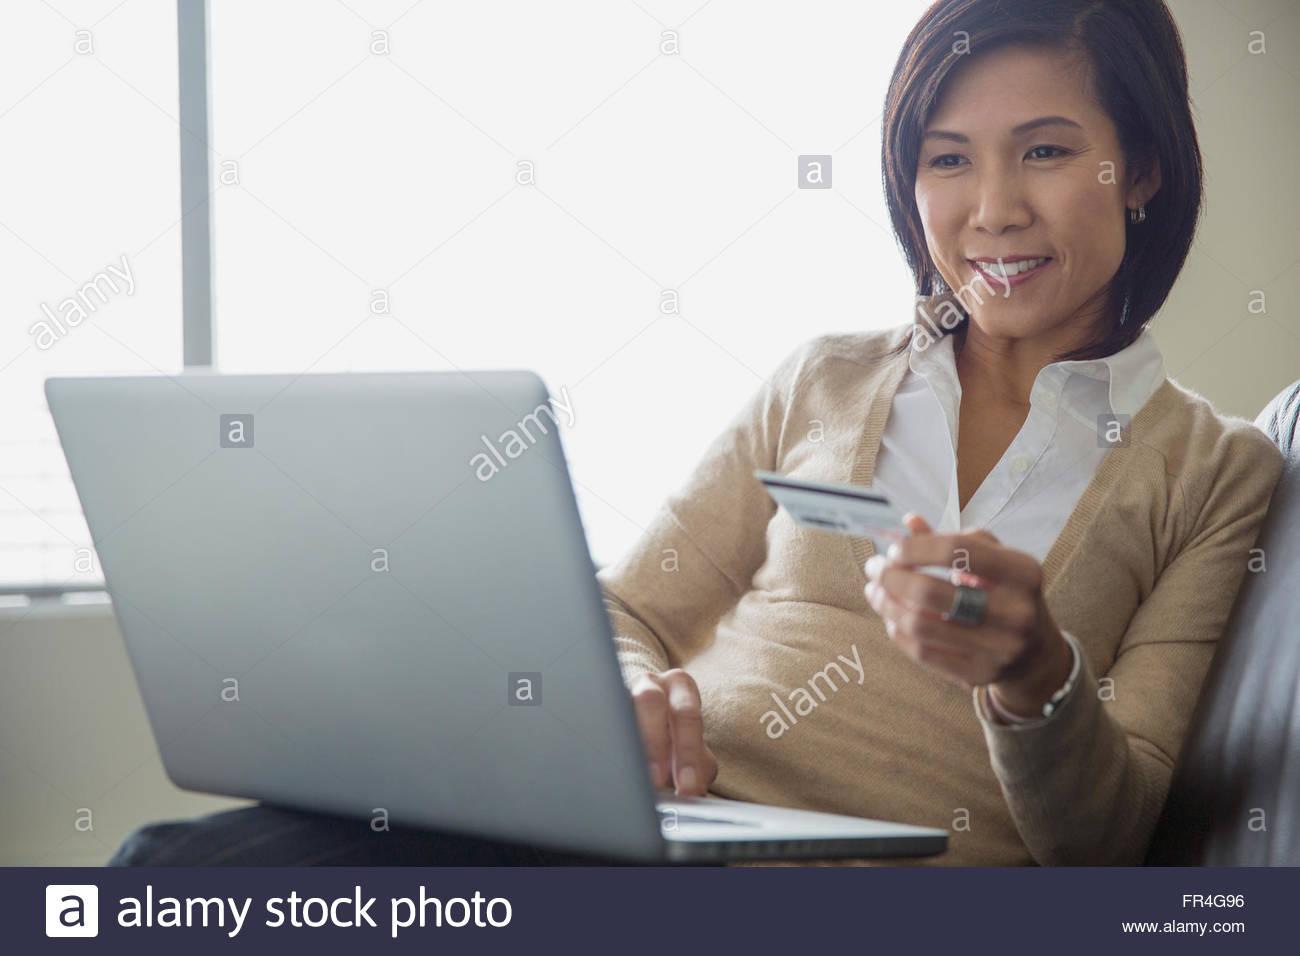 Asian woman faire achat en ligne avec carte de crédit. Photo Stock